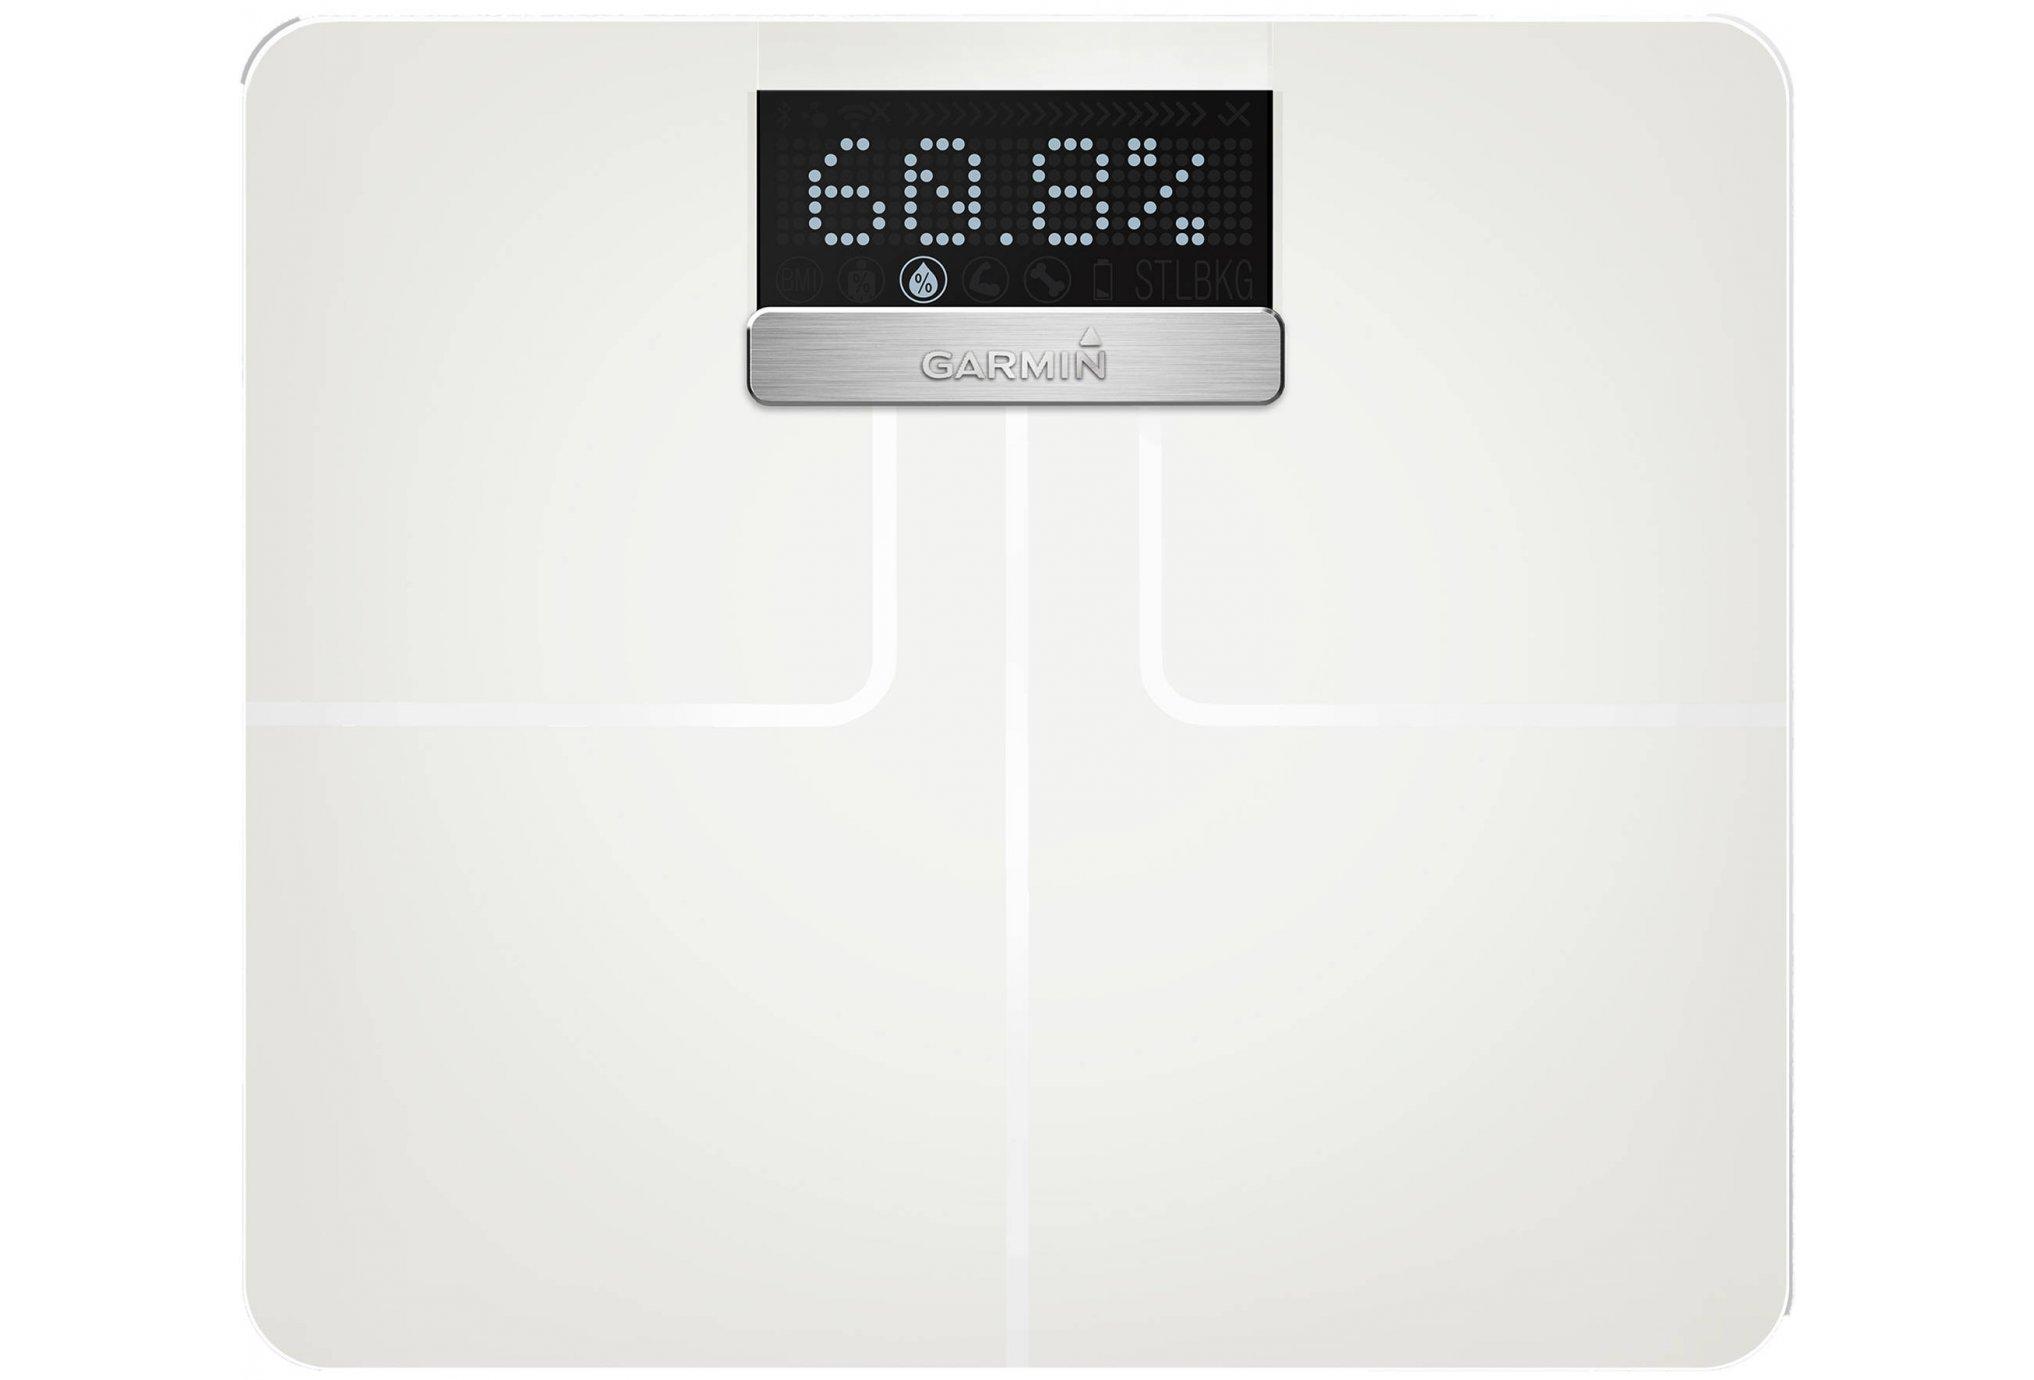 Garmin Balance Index Smart Scale Accessoires connectés